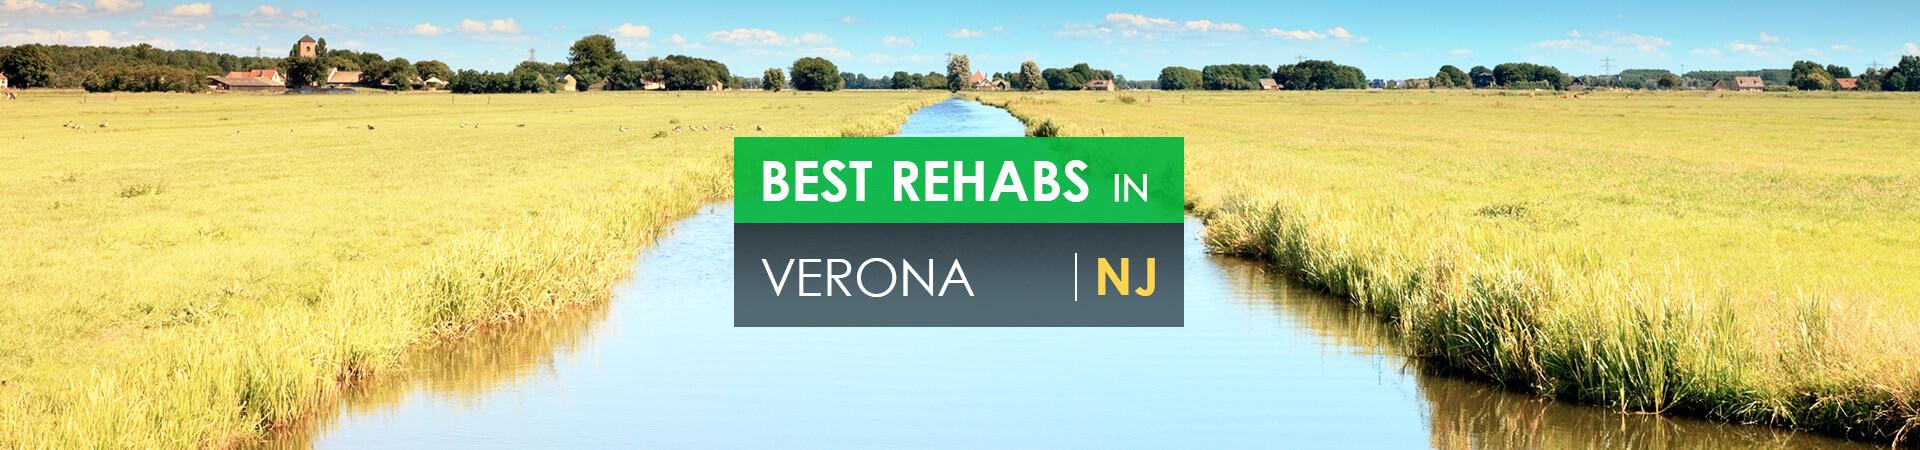 Best rehabs in Verona, NJ